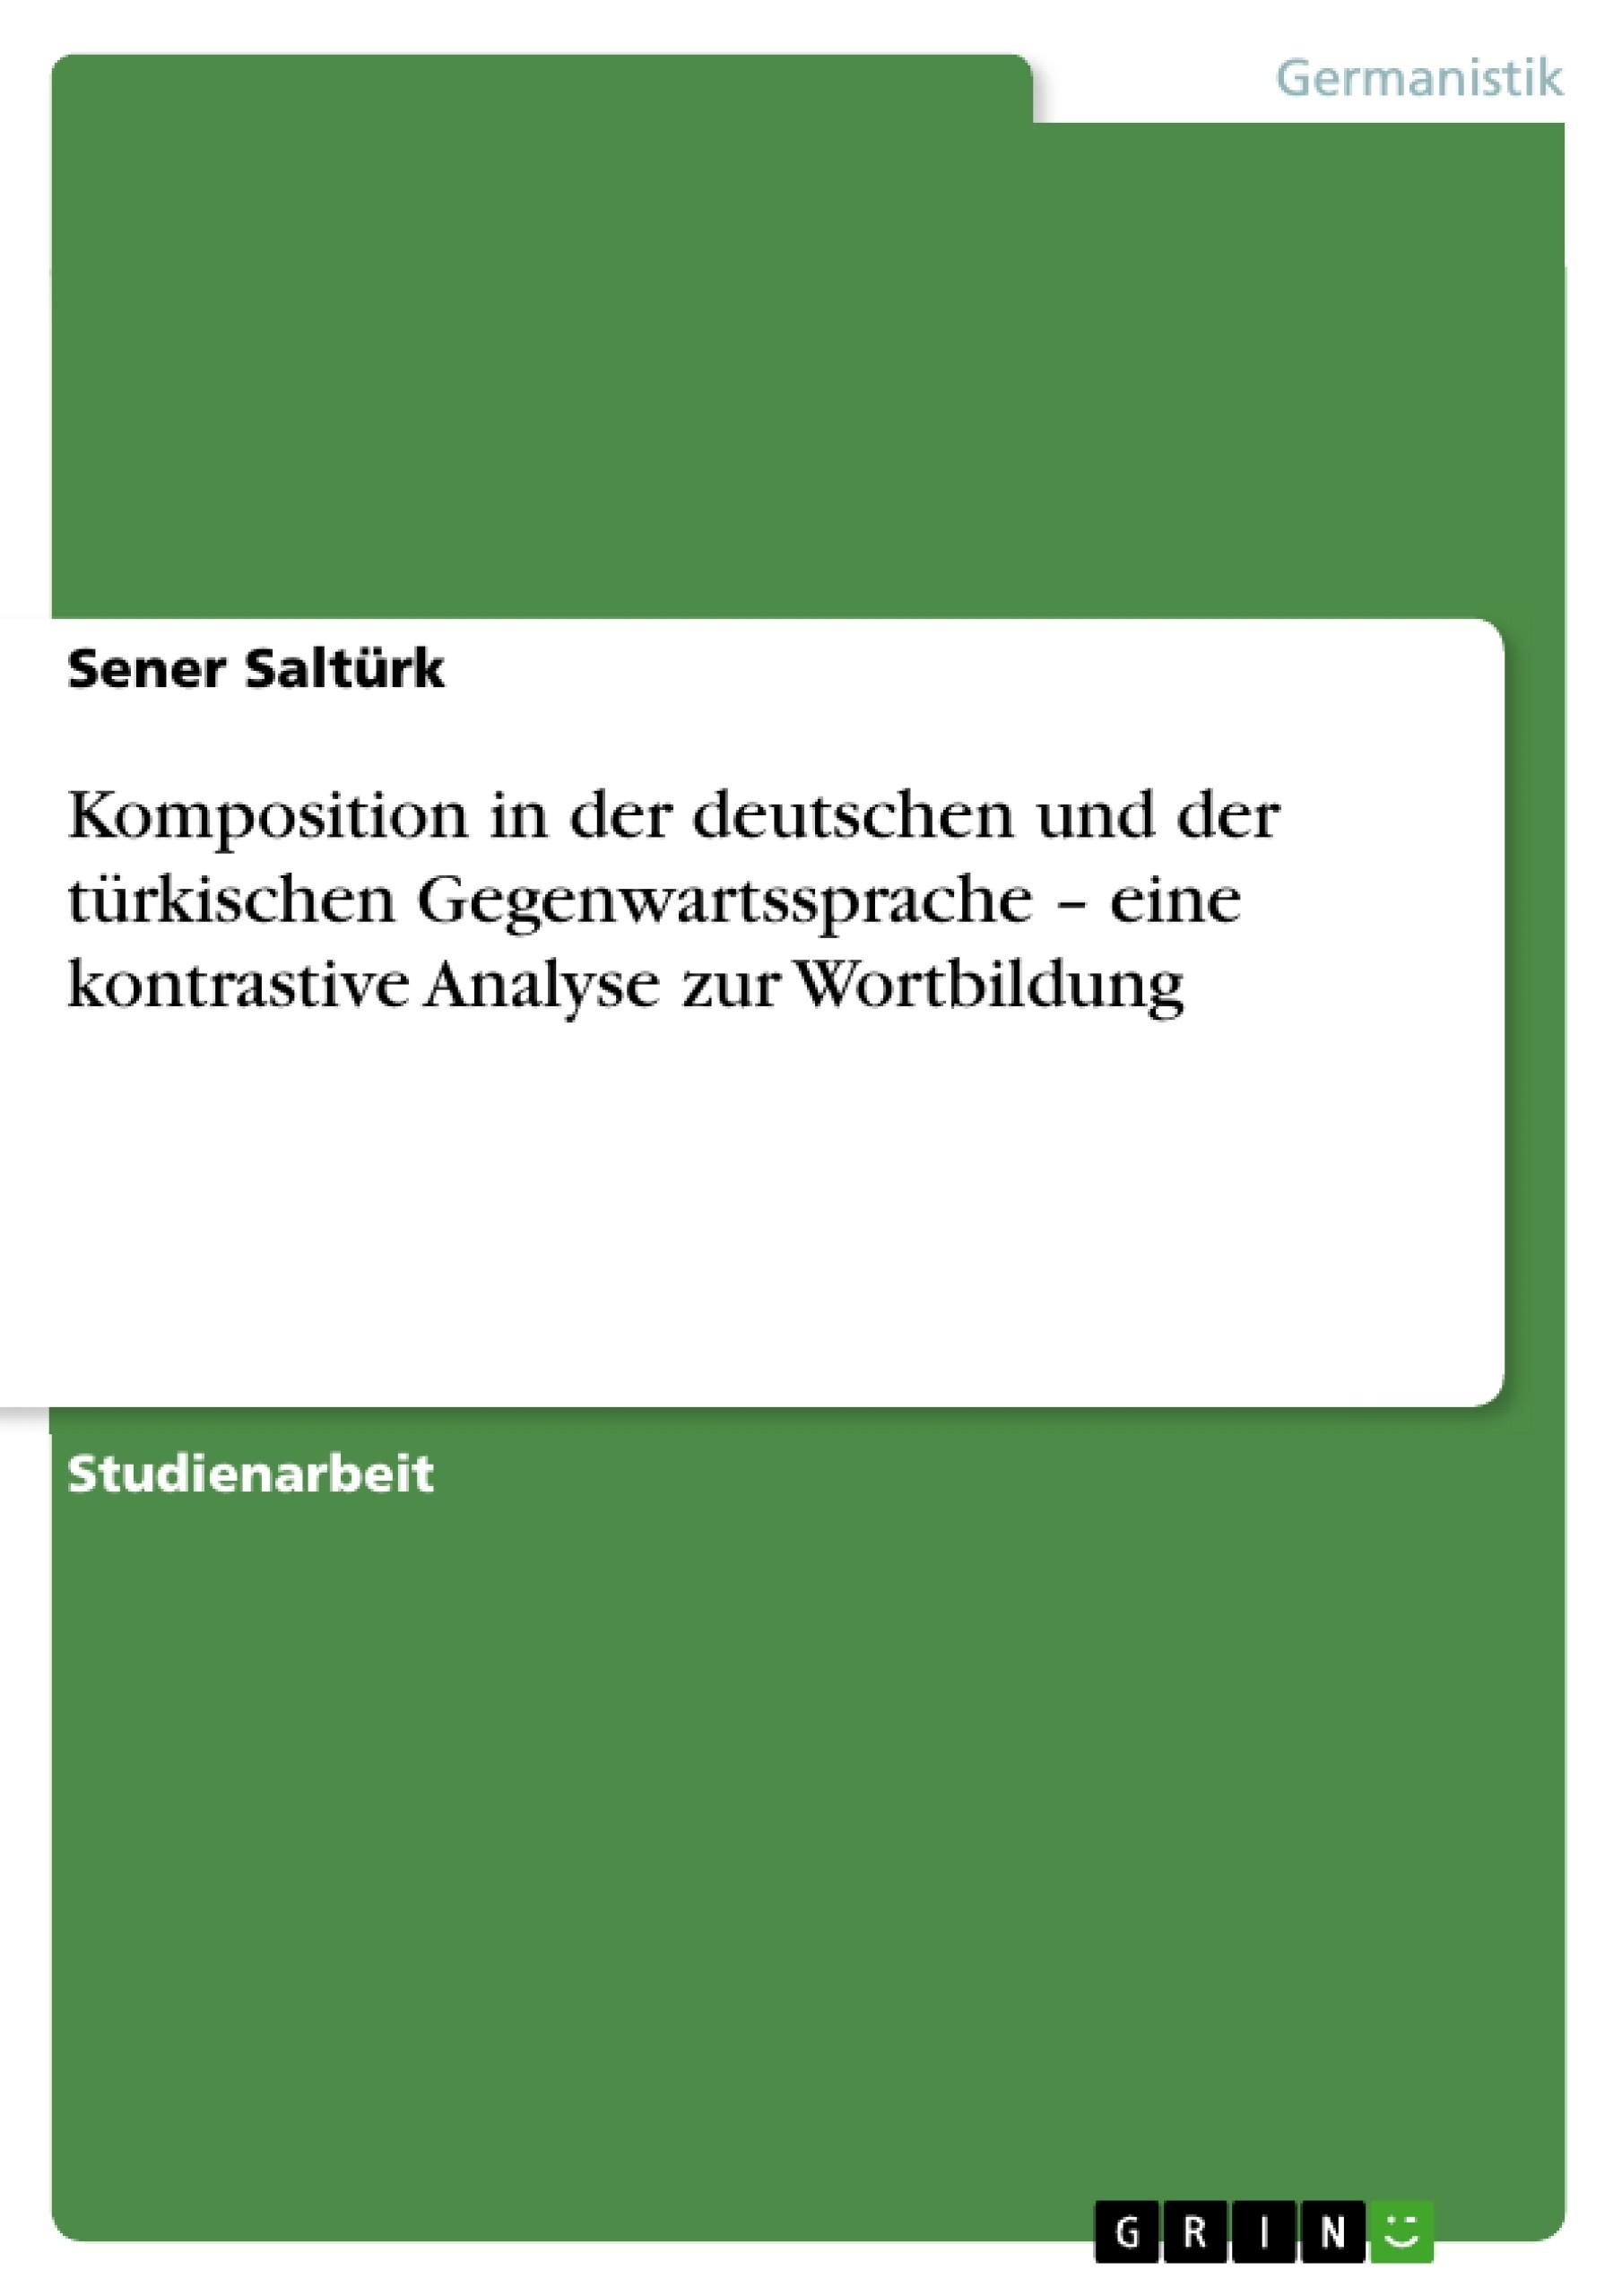 Titel: Komposition in der deutschen und der türkischen Gegenwartssprache – eine kontrastive Analyse zur Wortbildung